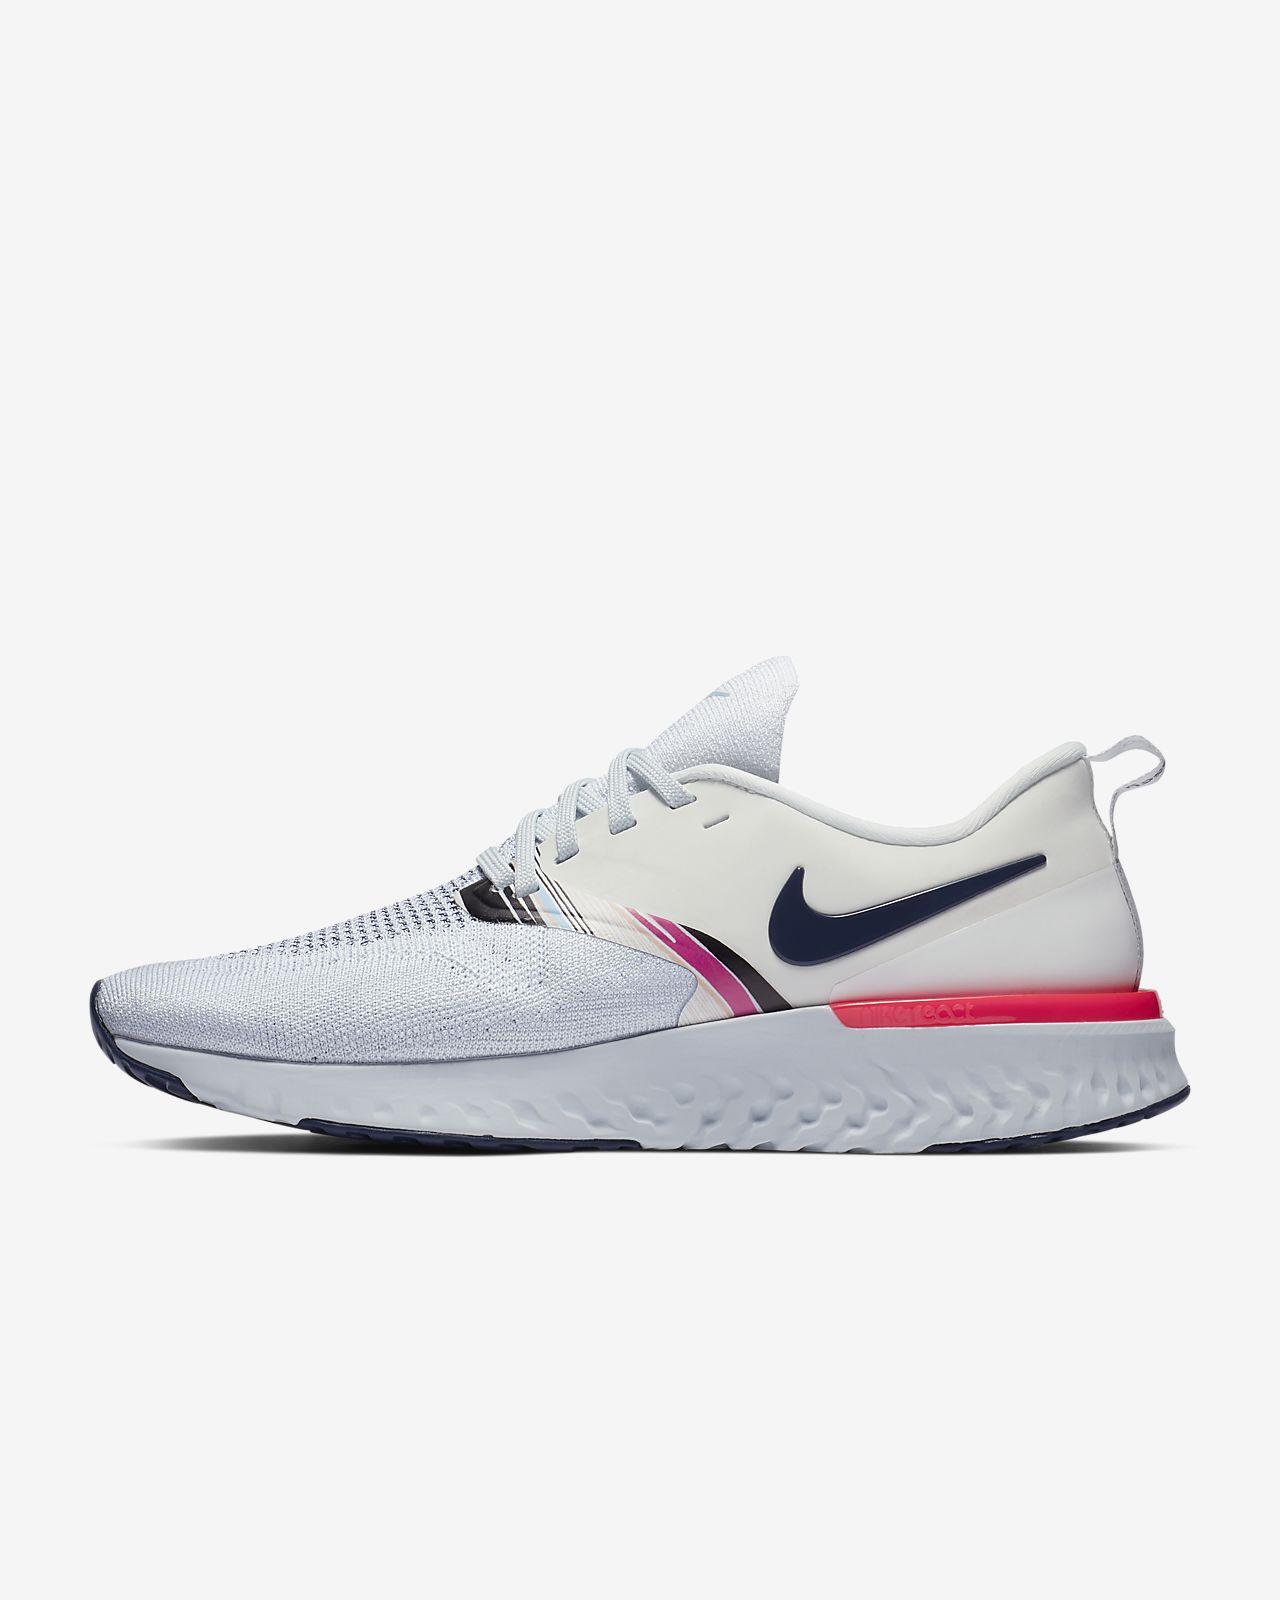 bd4abb57b7 ... Chaussure de running Nike Odyssey React Flyknit 2 Premium pour Femme